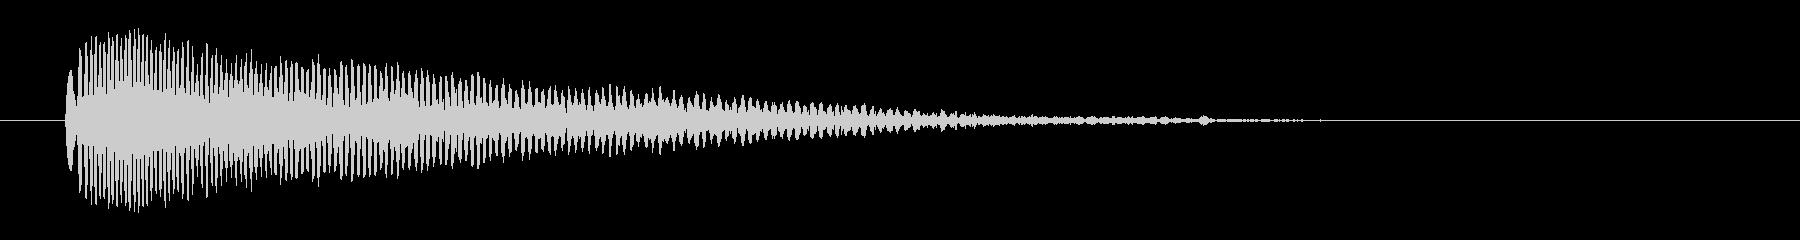 「ピュ〜!」警笛による鳥の鳴き声の擬音の未再生の波形